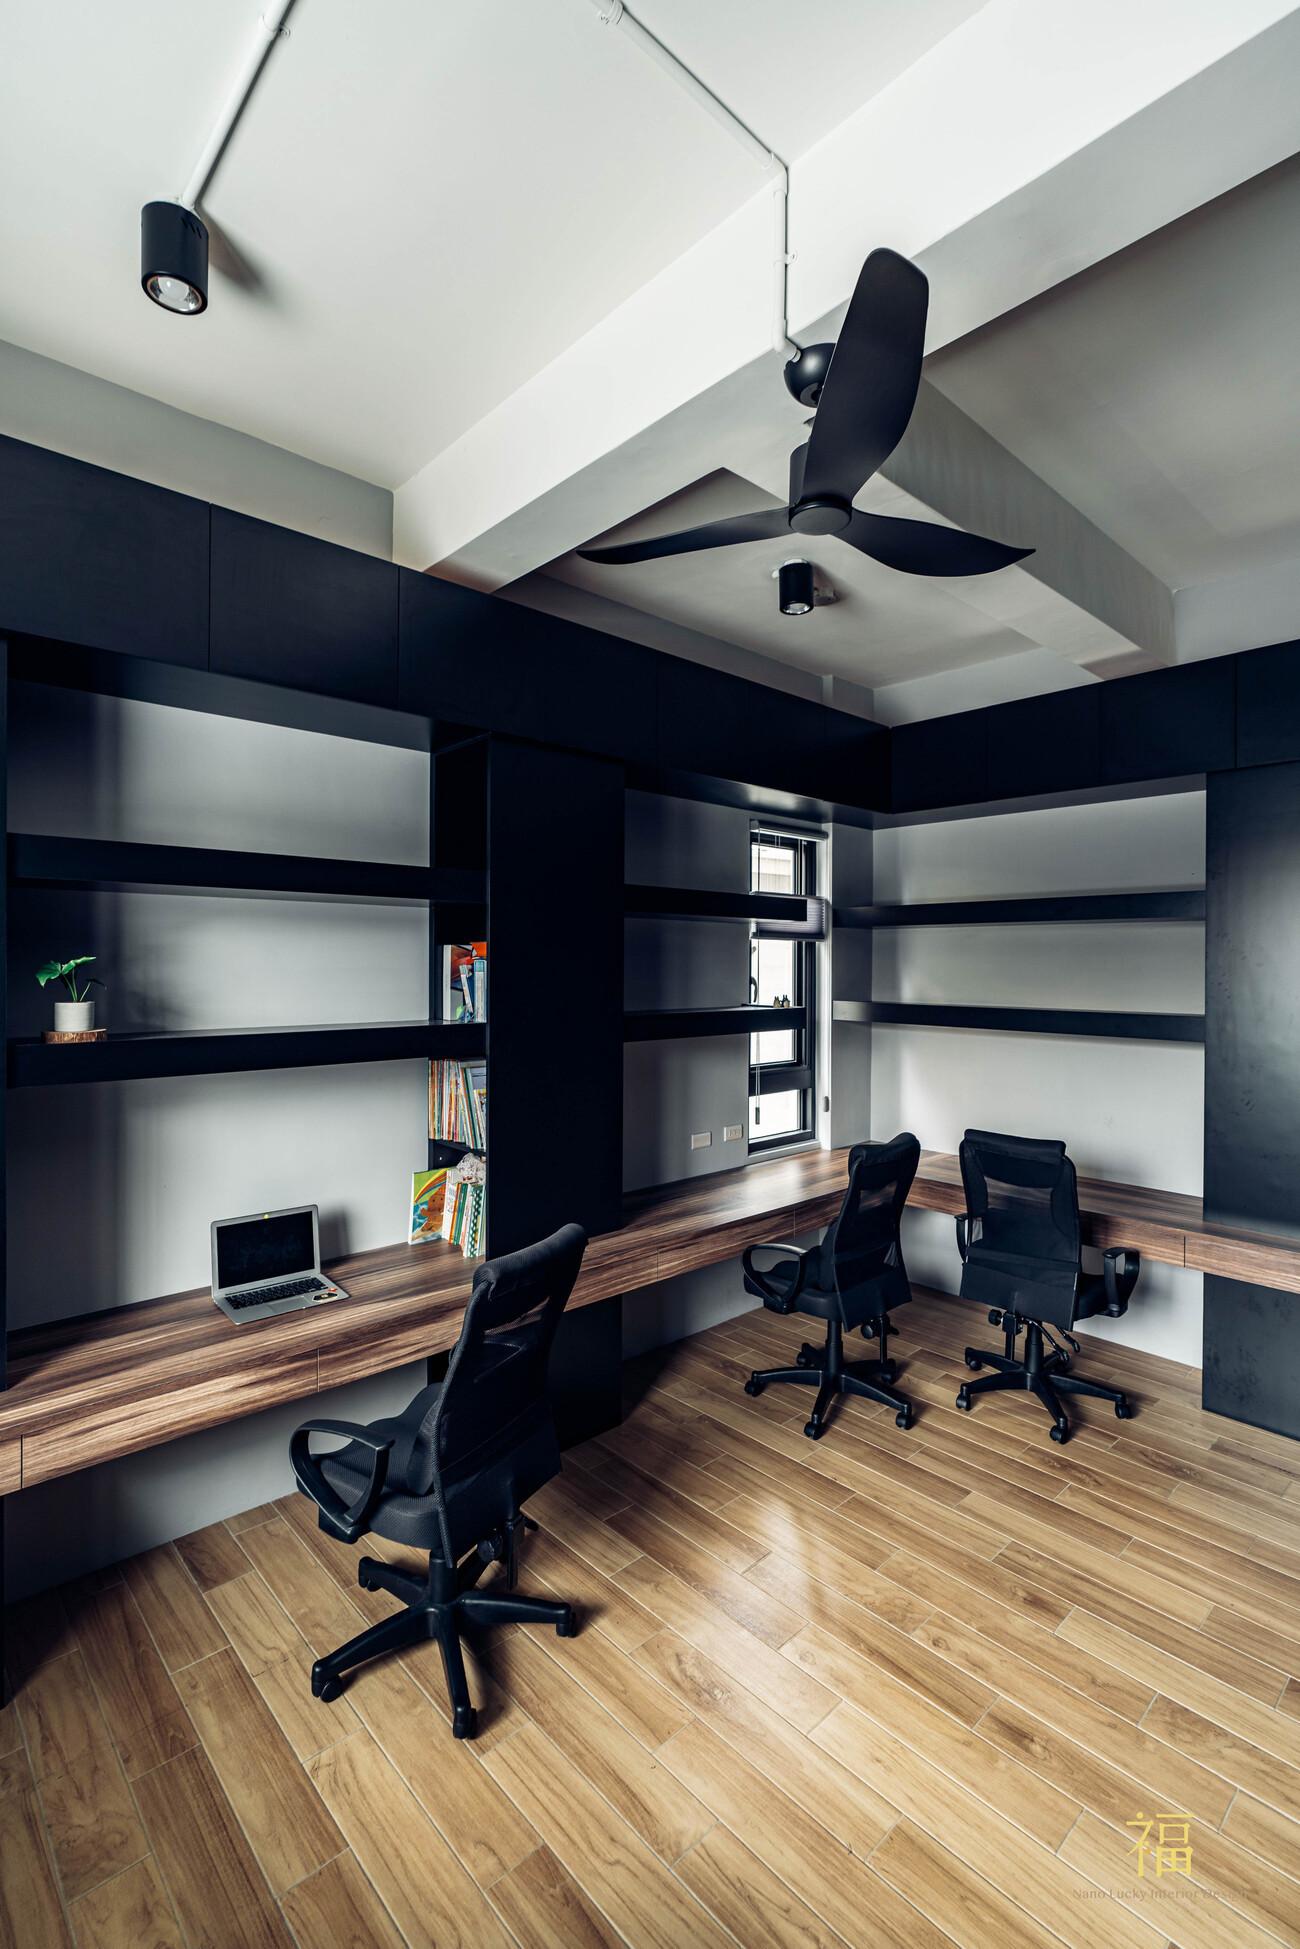 溪口盧宅|書房收納櫃體|嘉義住宅空間設計